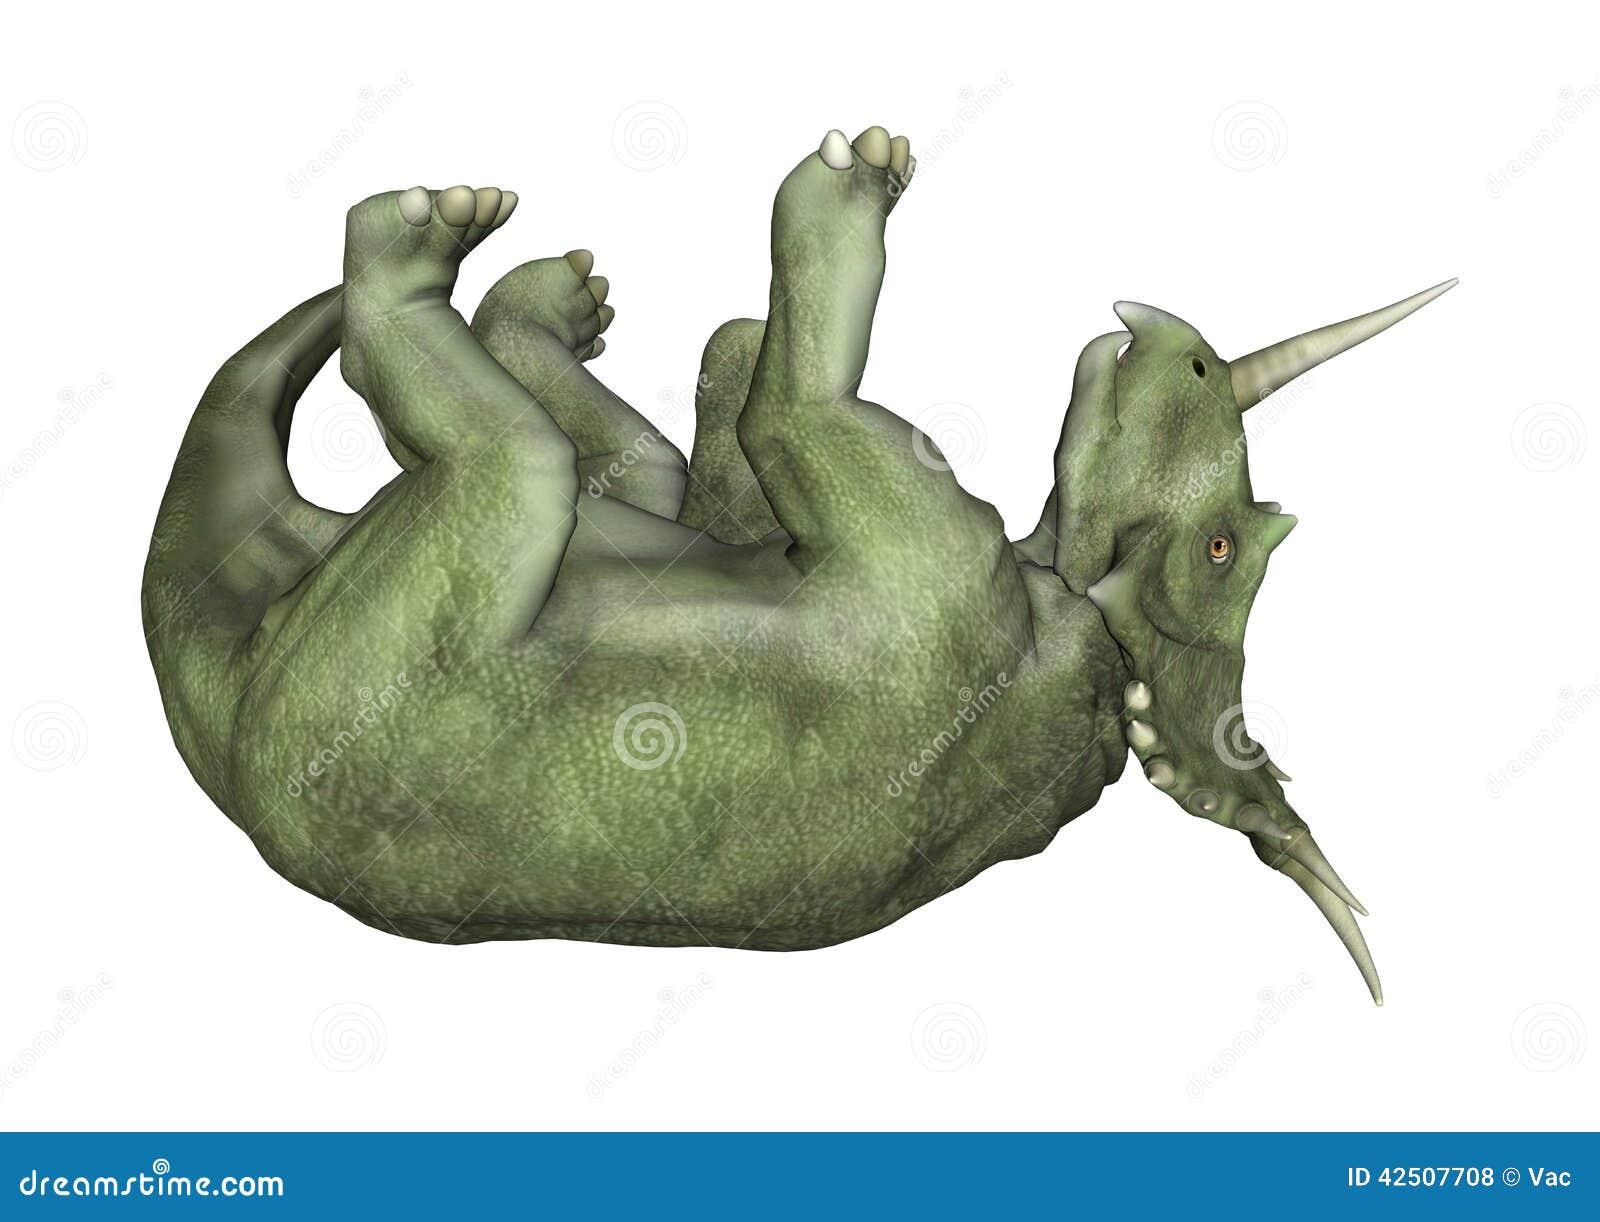 龙�yn�_在白色背景从白垩纪(campanian阶段)的隔绝的食草ceratopsian恐龙类.